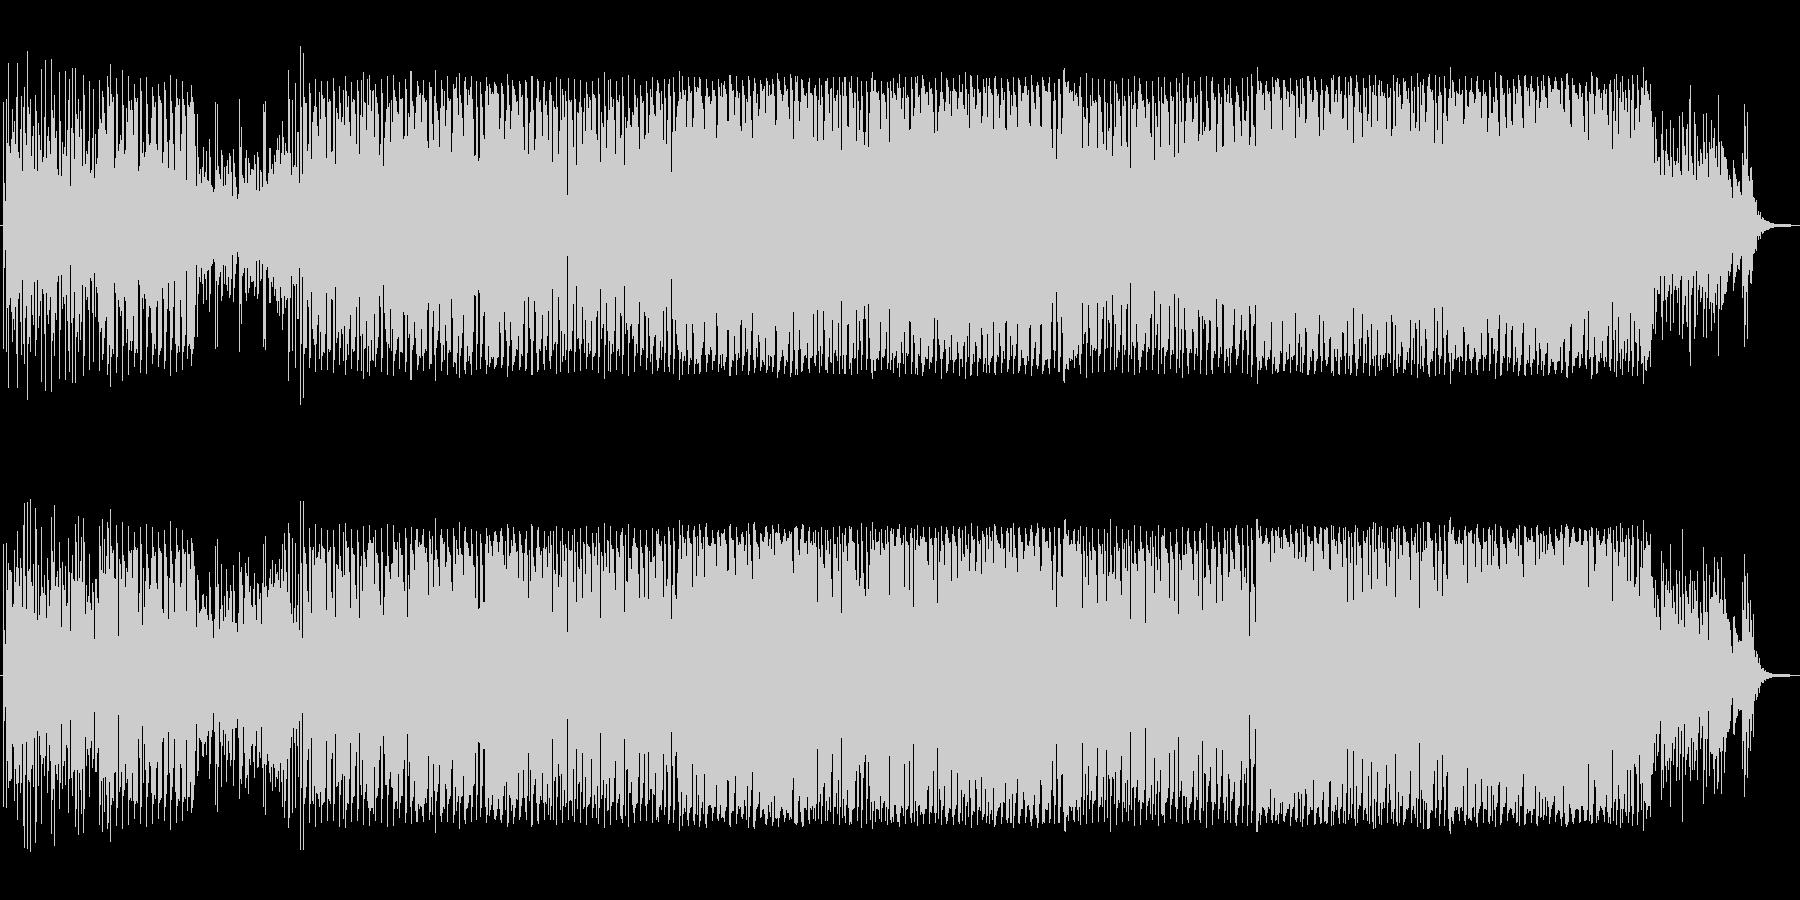 トロピカルハウス・ピアノ・EDMの未再生の波形